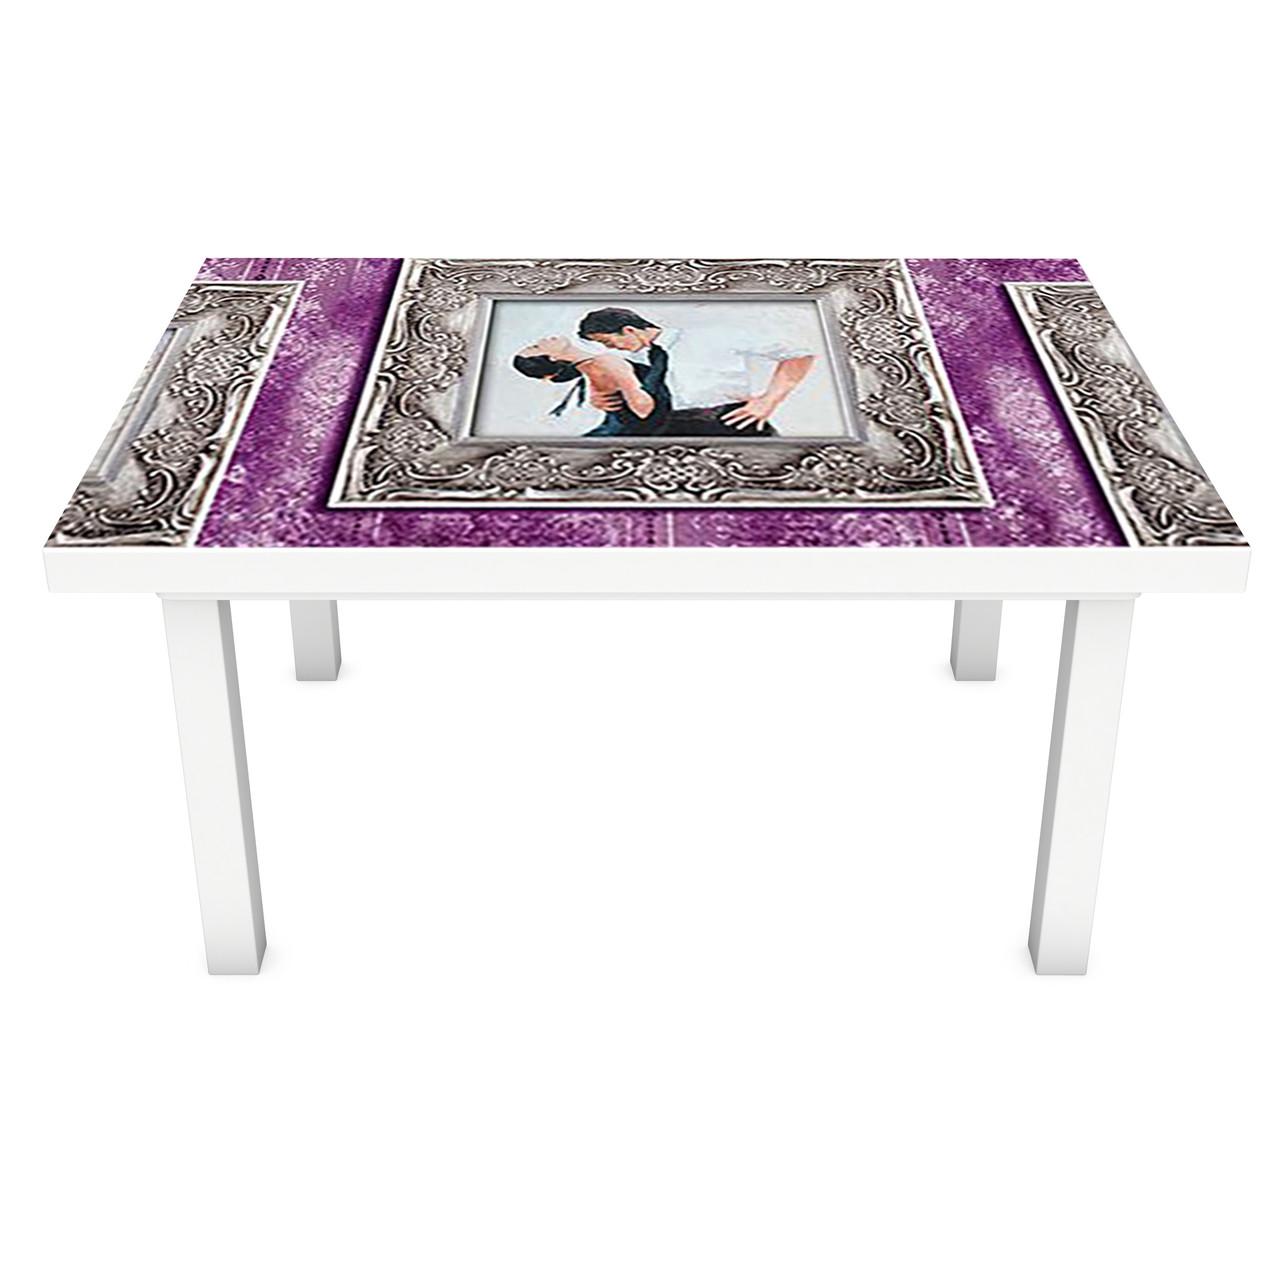 Наклейка на стіл Танець ПВХ інтер'єрна плівка для меблів картини малюнок рамки Фіолетовий 600*1200 мм